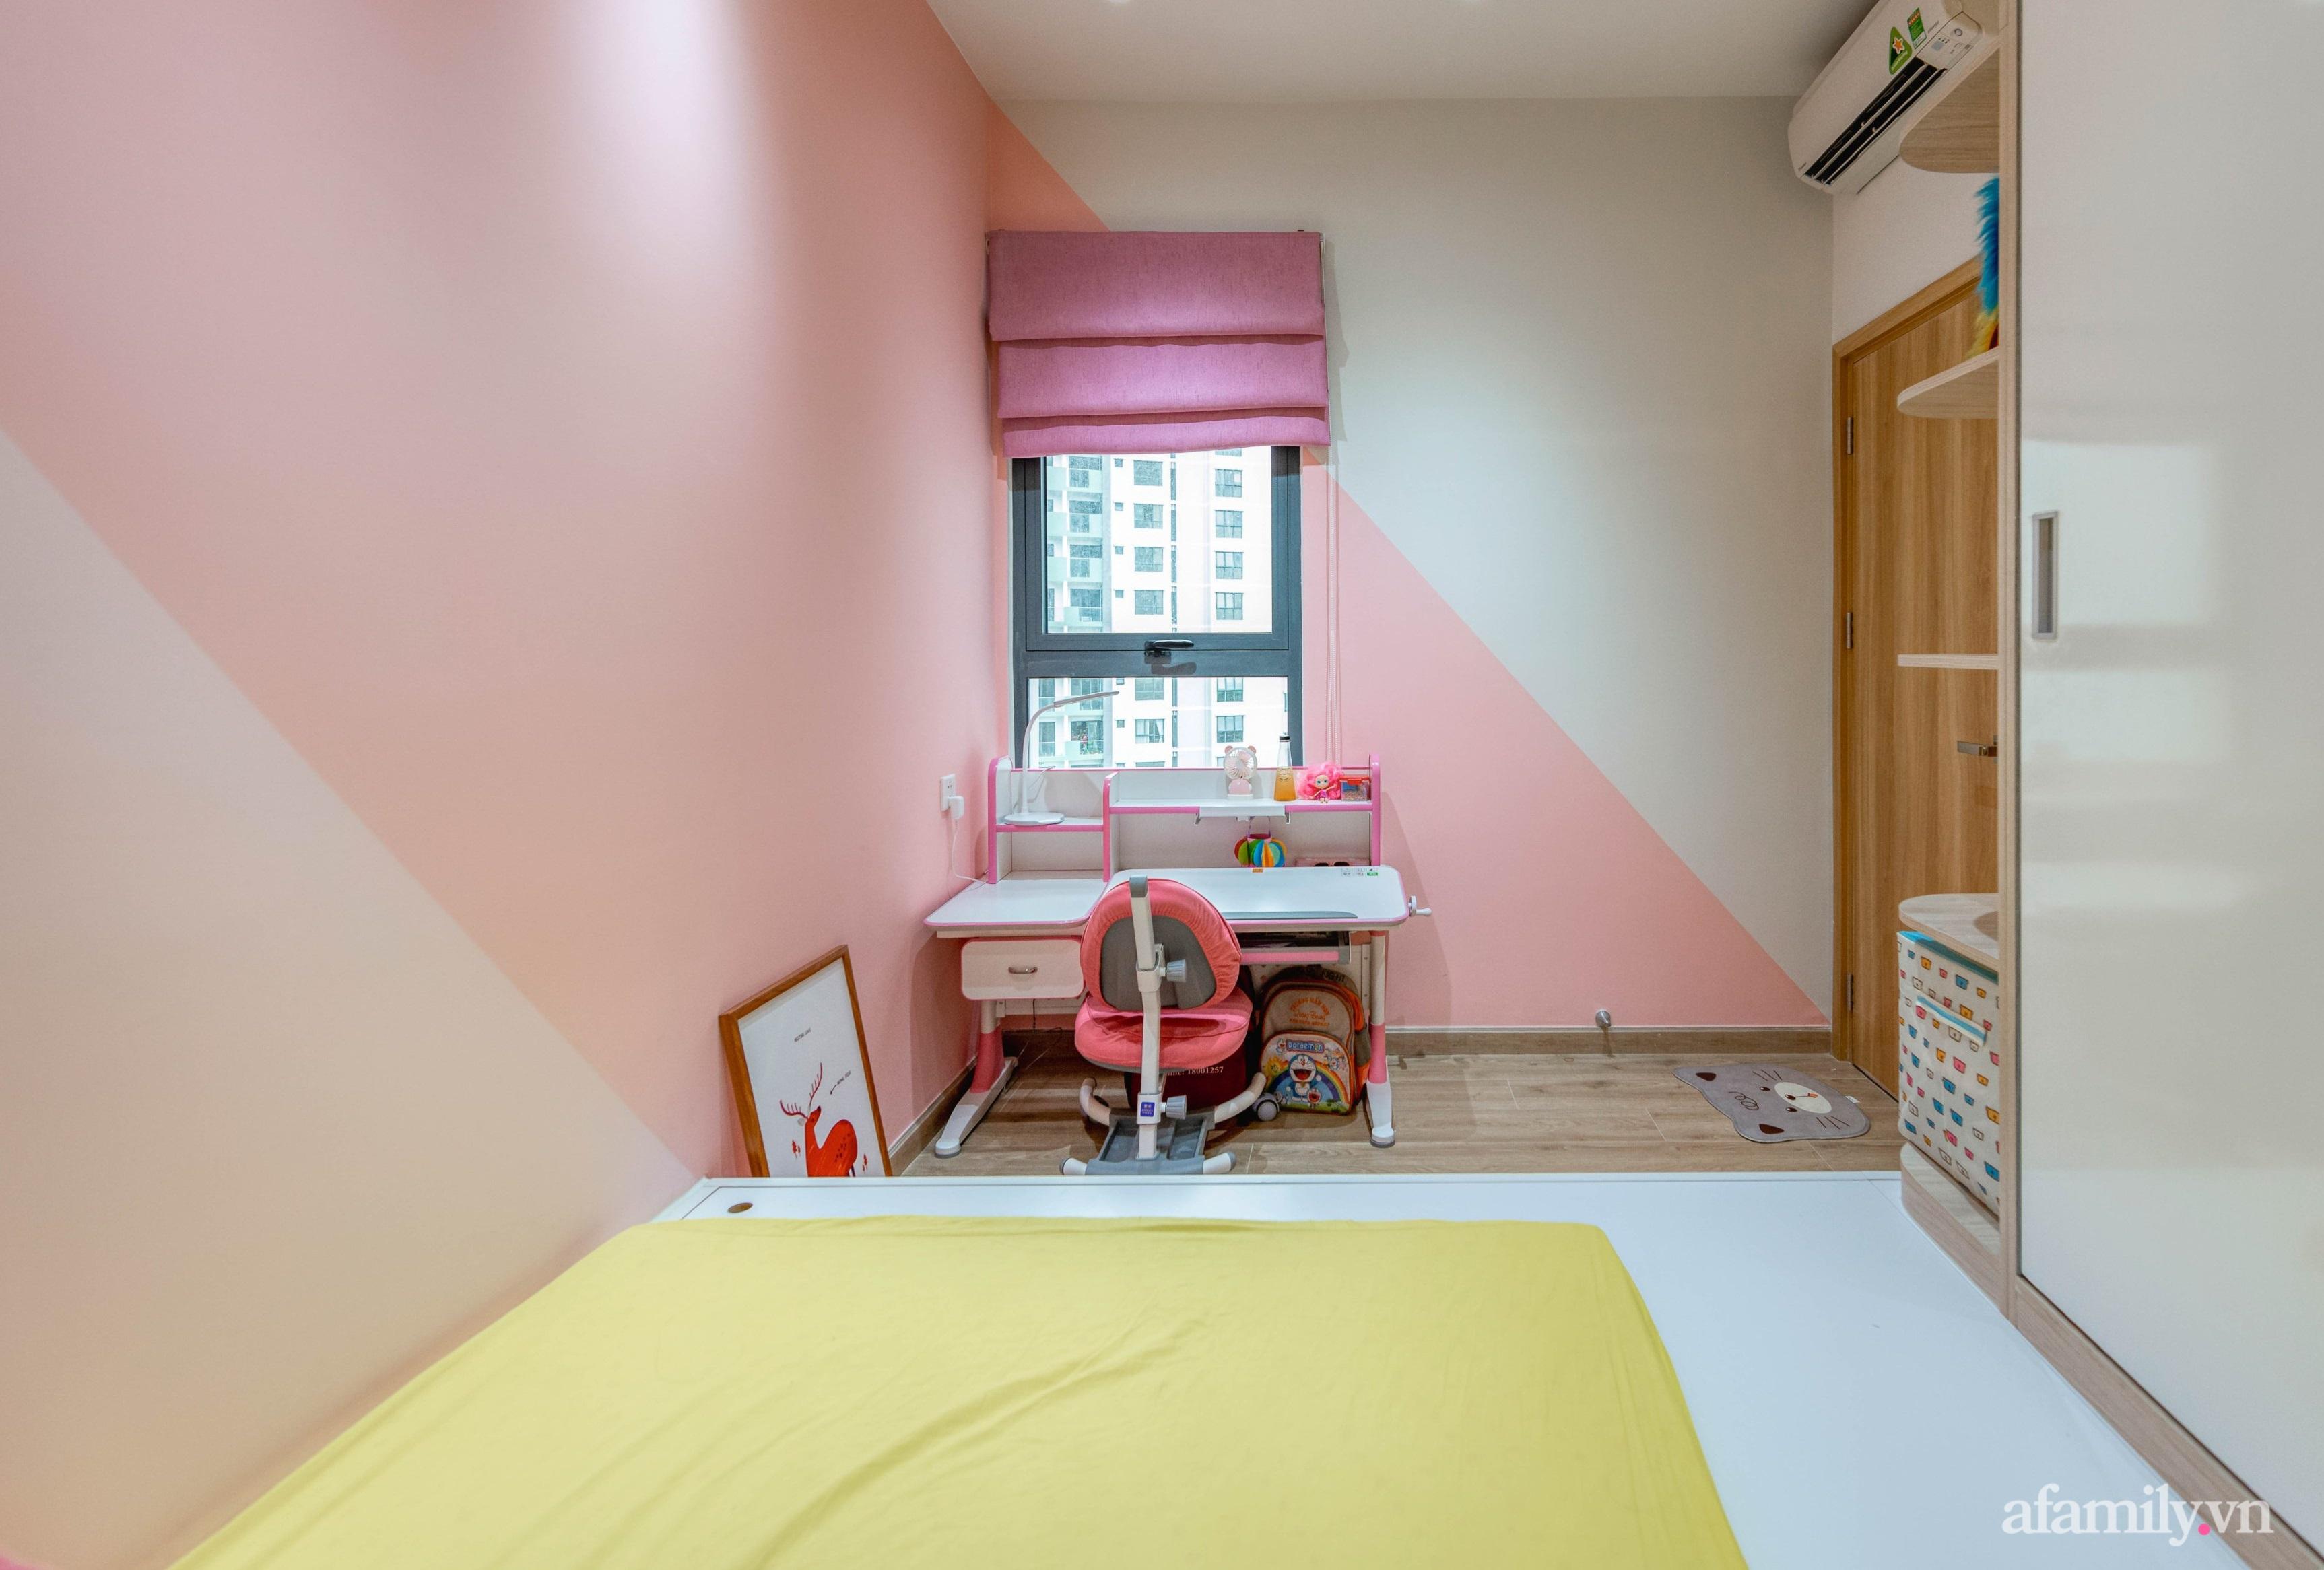 Căn hộ 69m² tạo dấu ấn đặc biệt với phong cách Tropical có chi phí thi công 180 triệu đồng ở Sài Gòn - Ảnh 17.